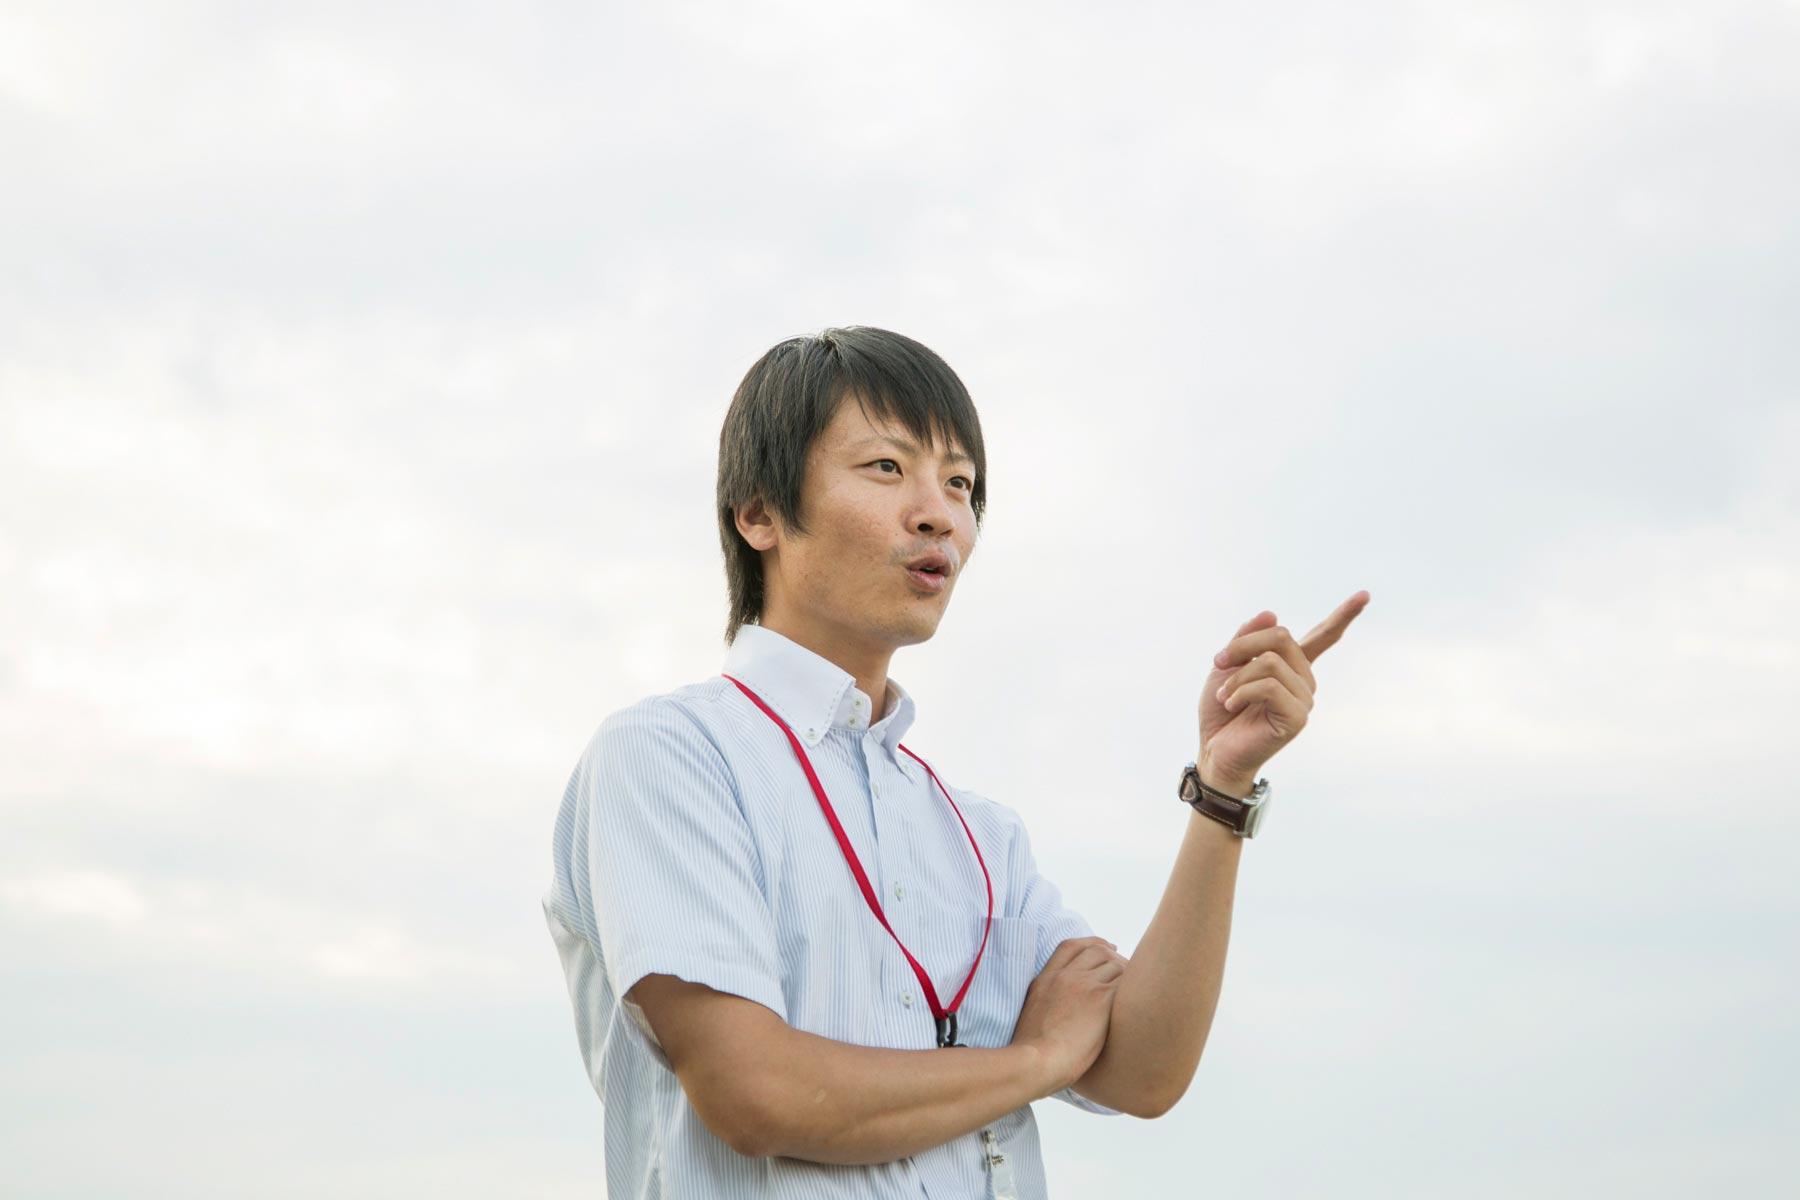 松井隆明。攝影 / 近藤悟